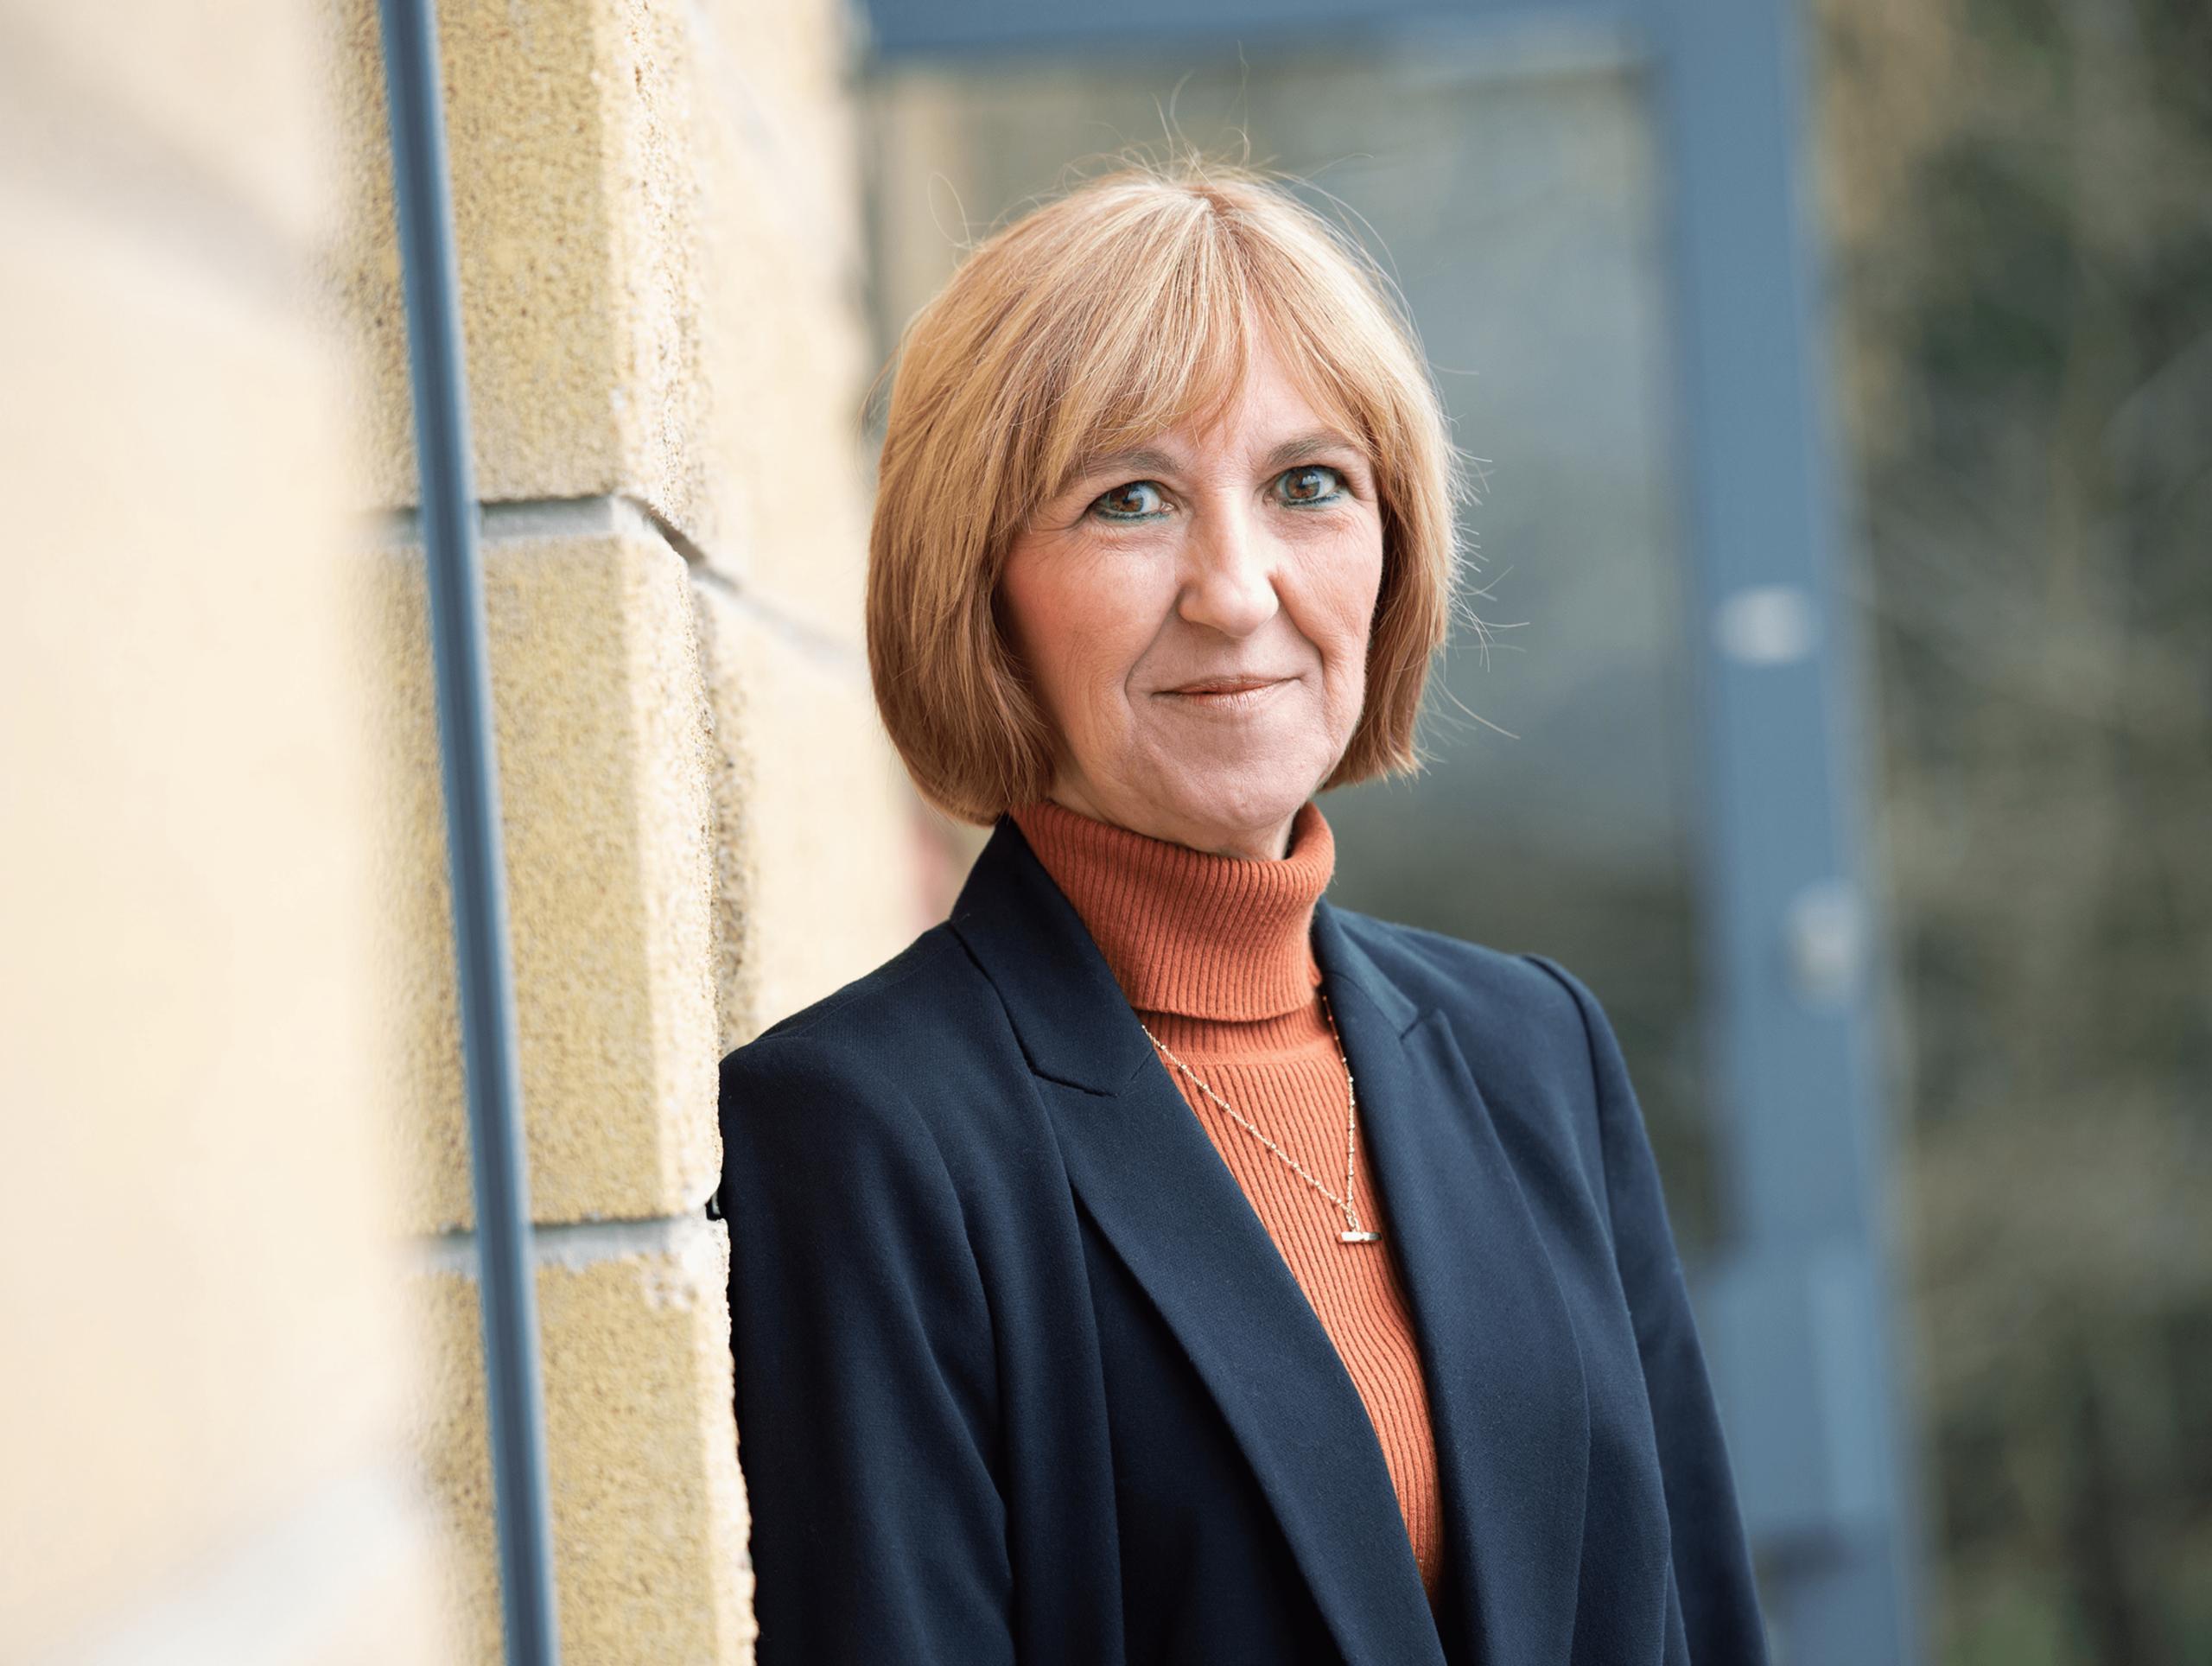 Angela Dutton